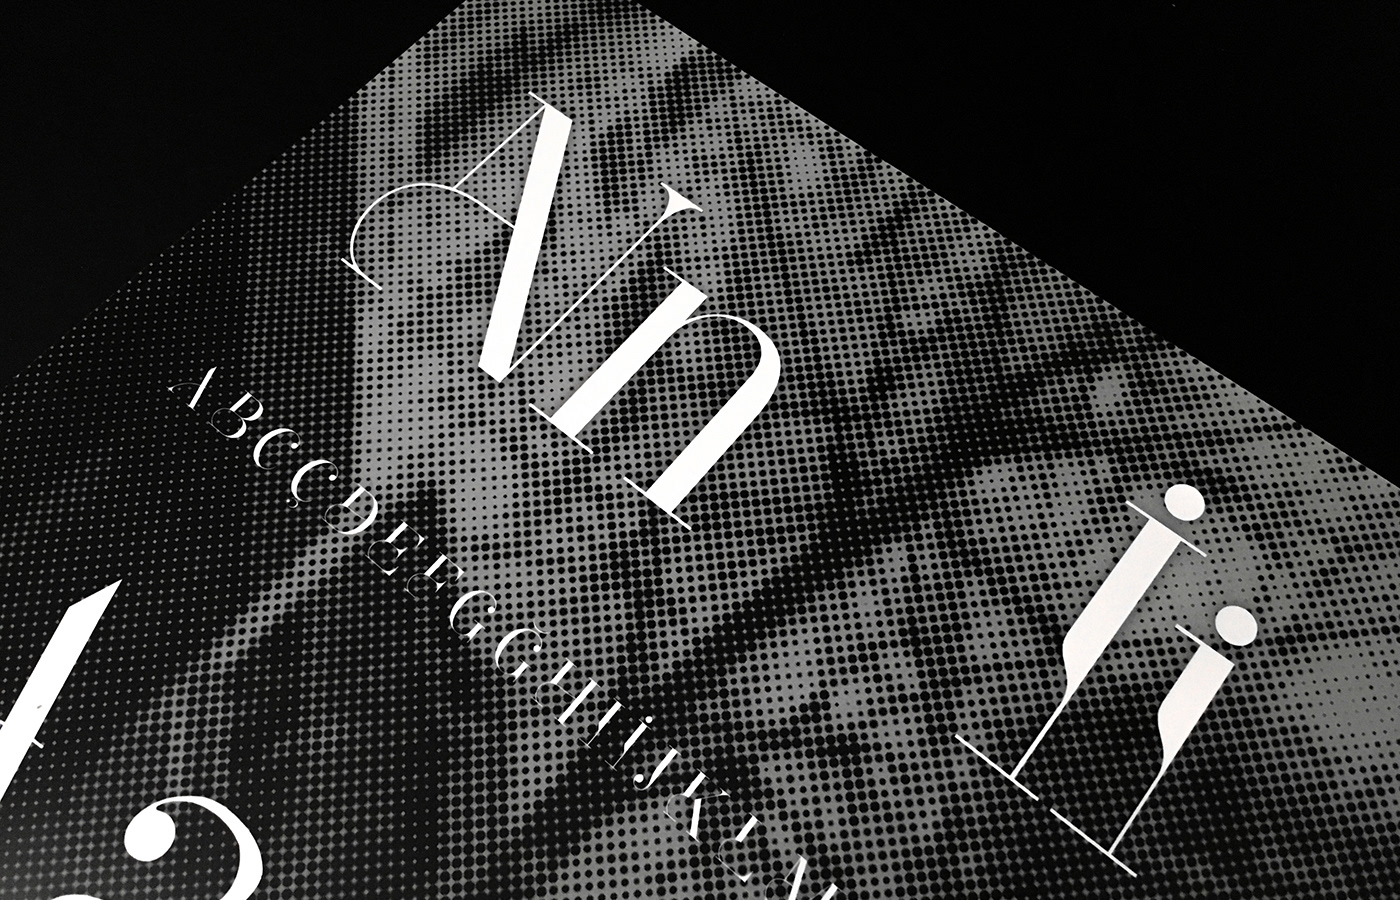 Nişantaşı Free Typeface - decorative-display